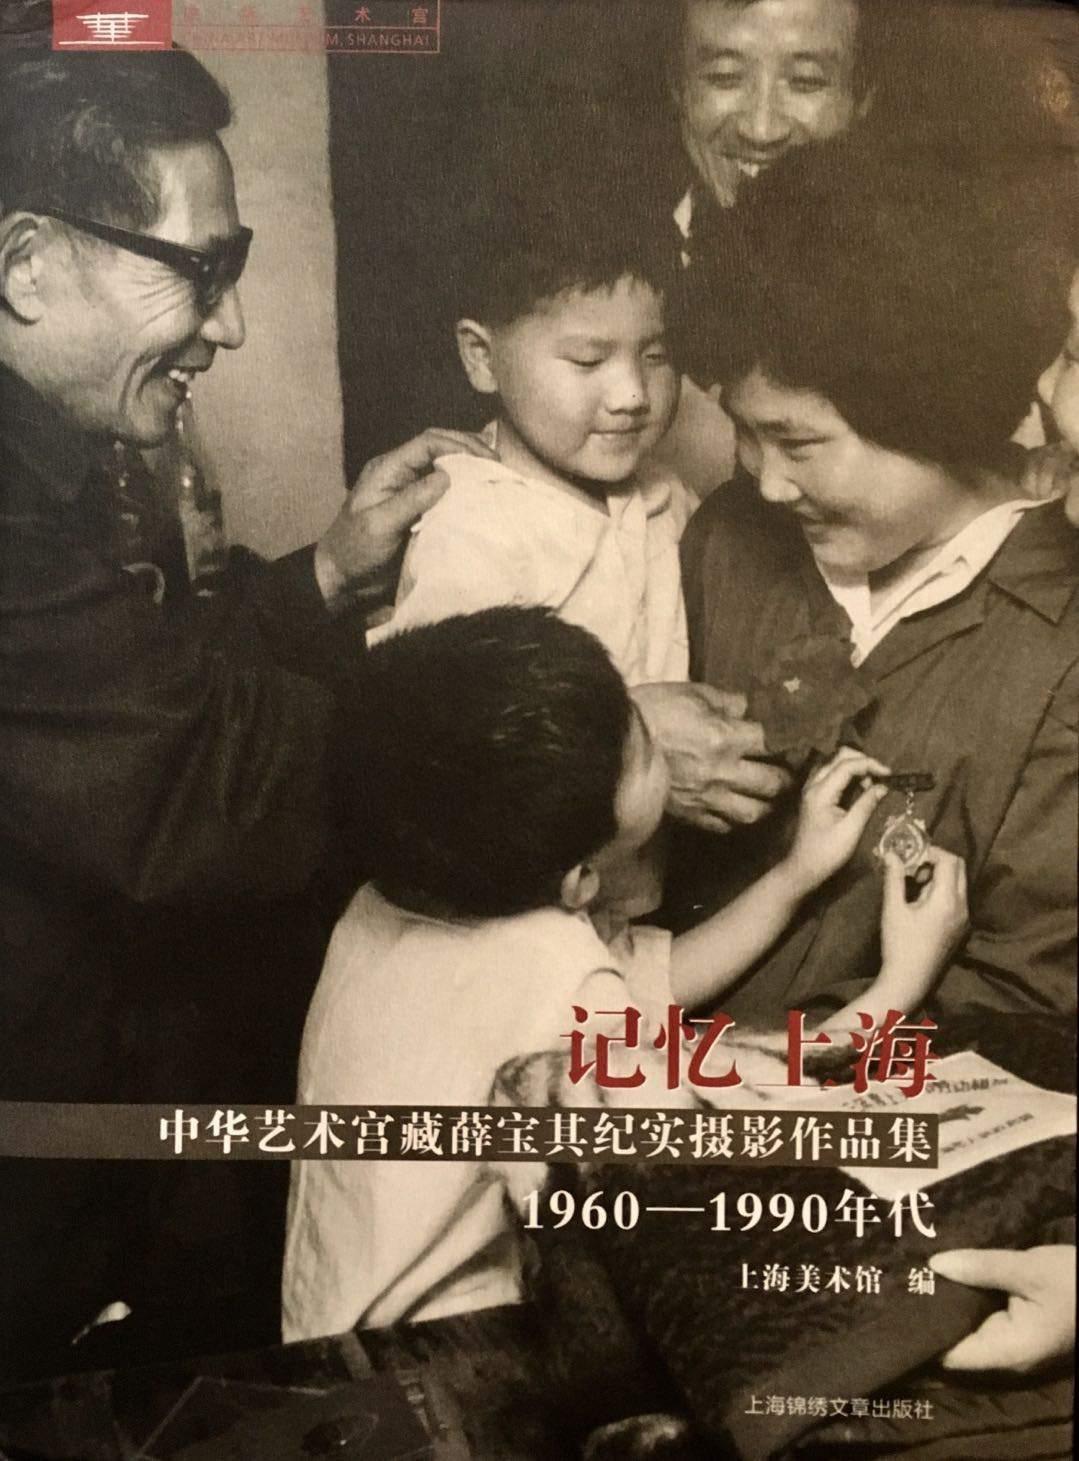 摄影家薛宝其最初是卢湾区工人俱乐部的摄影师,从上世纪50年代开始,主要拍摄工厂劳模以及上海的市井生活。通过镜头将不同年代上海市民的生活场景生动地记录下来,引发人们跨越时代的共鸣。